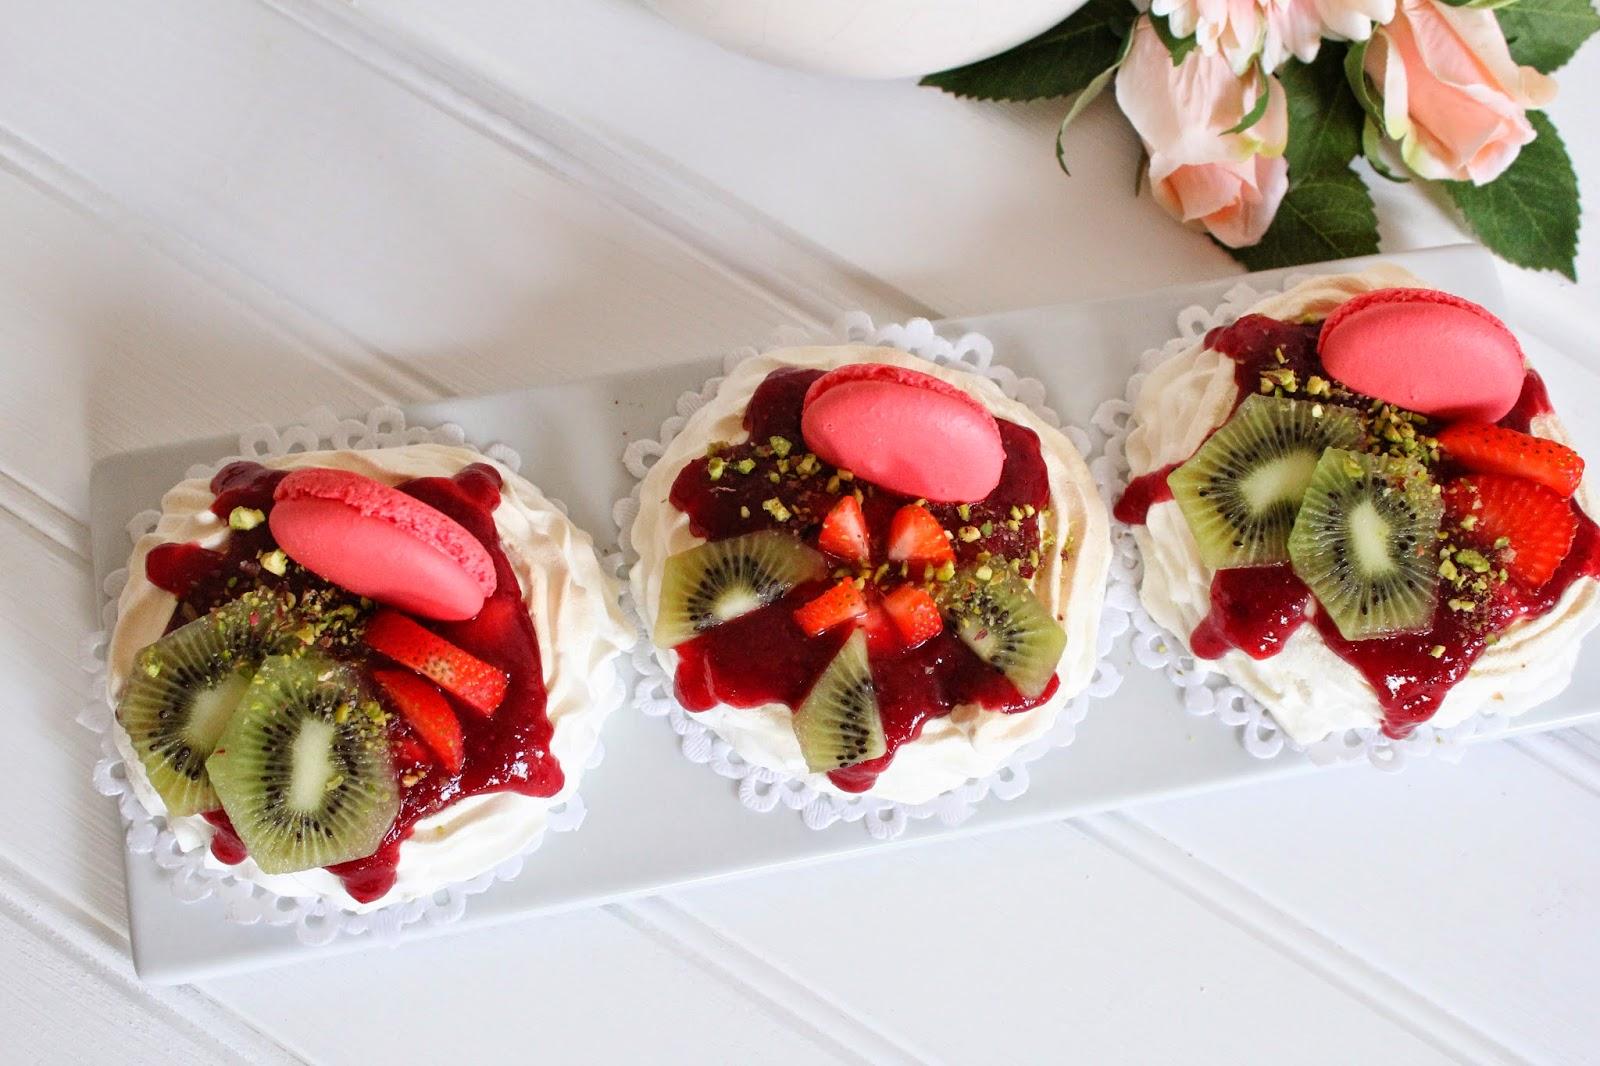 pavlovas-de-fruta-y-coulis-de-cerezas